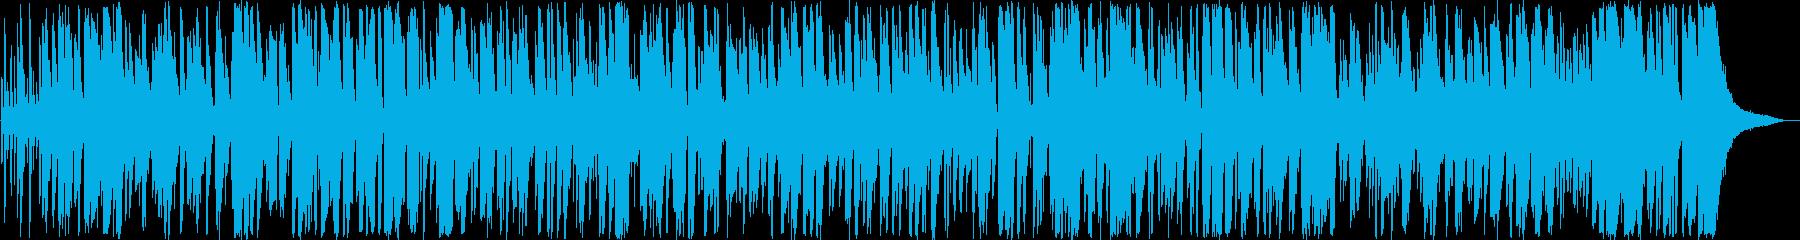 弾むようなボサノバミュージックの再生済みの波形